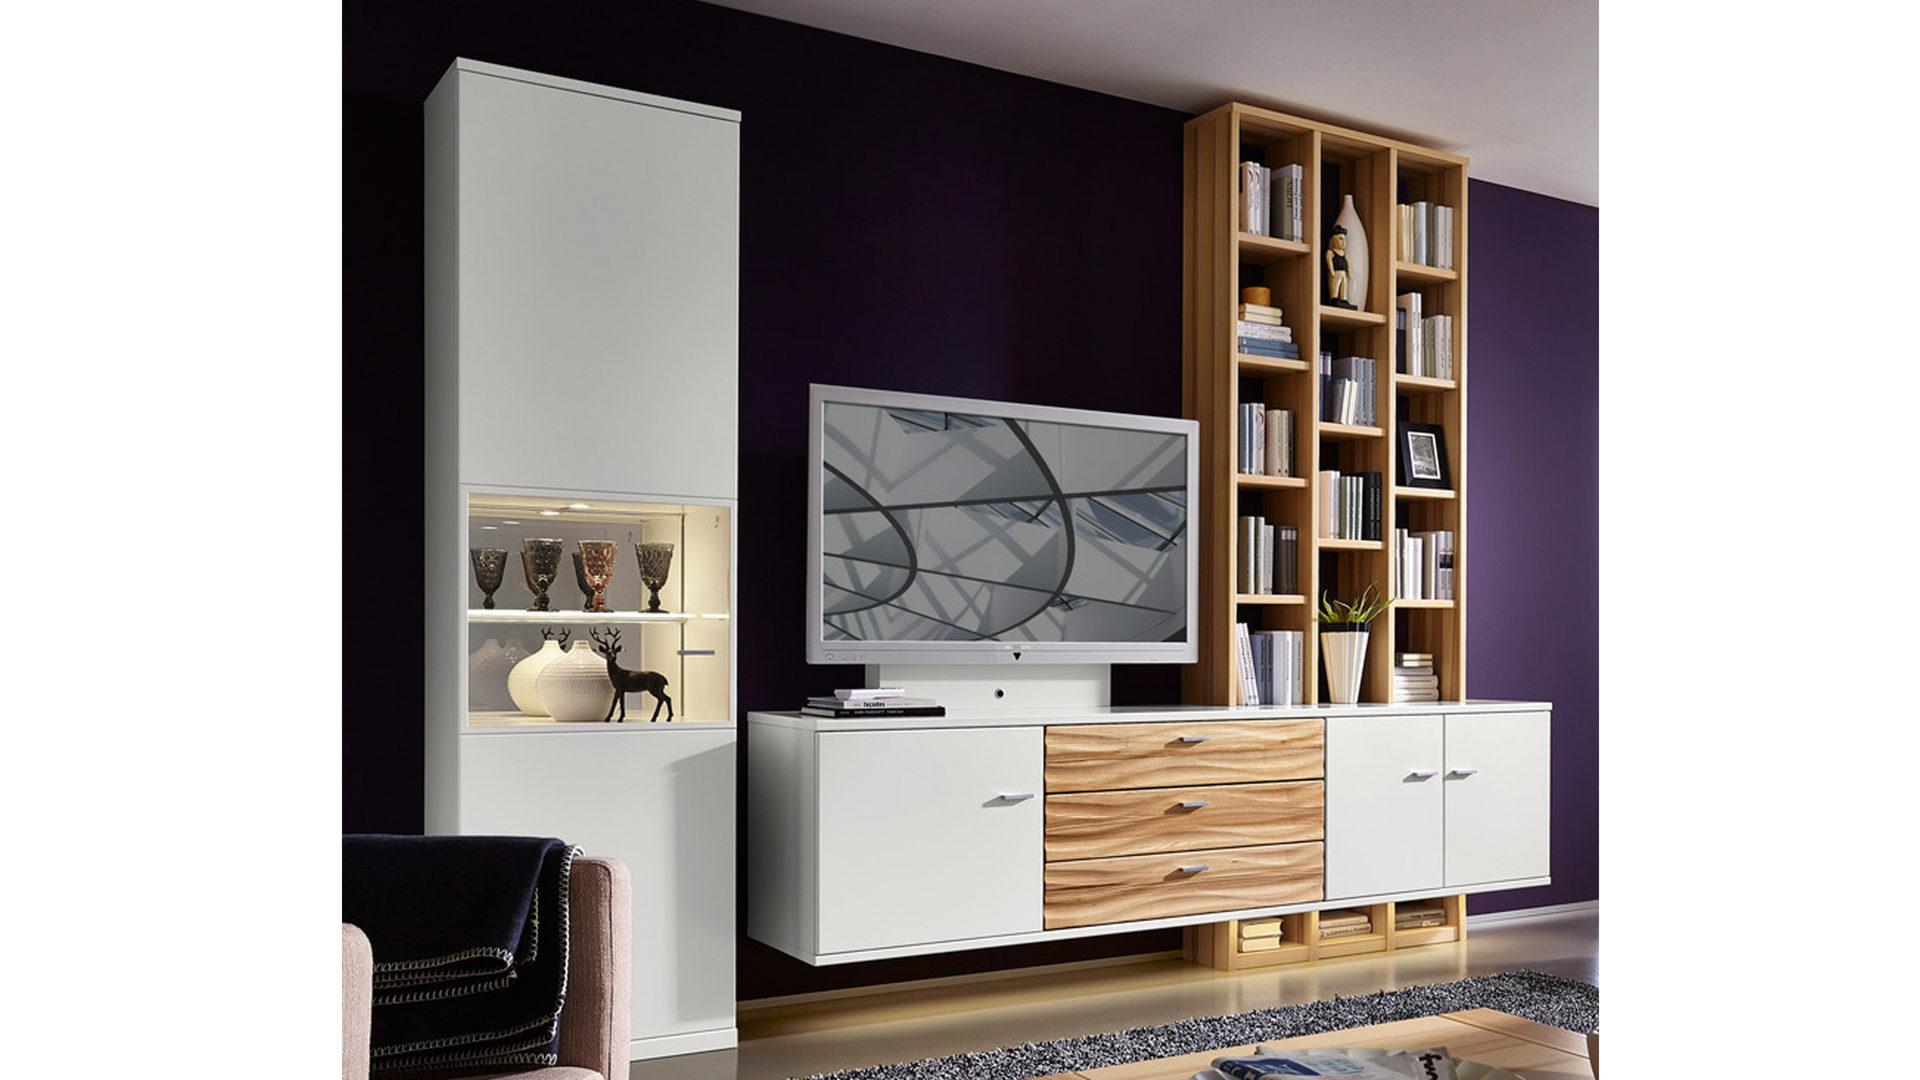 Wohnwand Weie Holz ~ Best of gardinen ideen zum weiße wohnwand dekorieren bilder